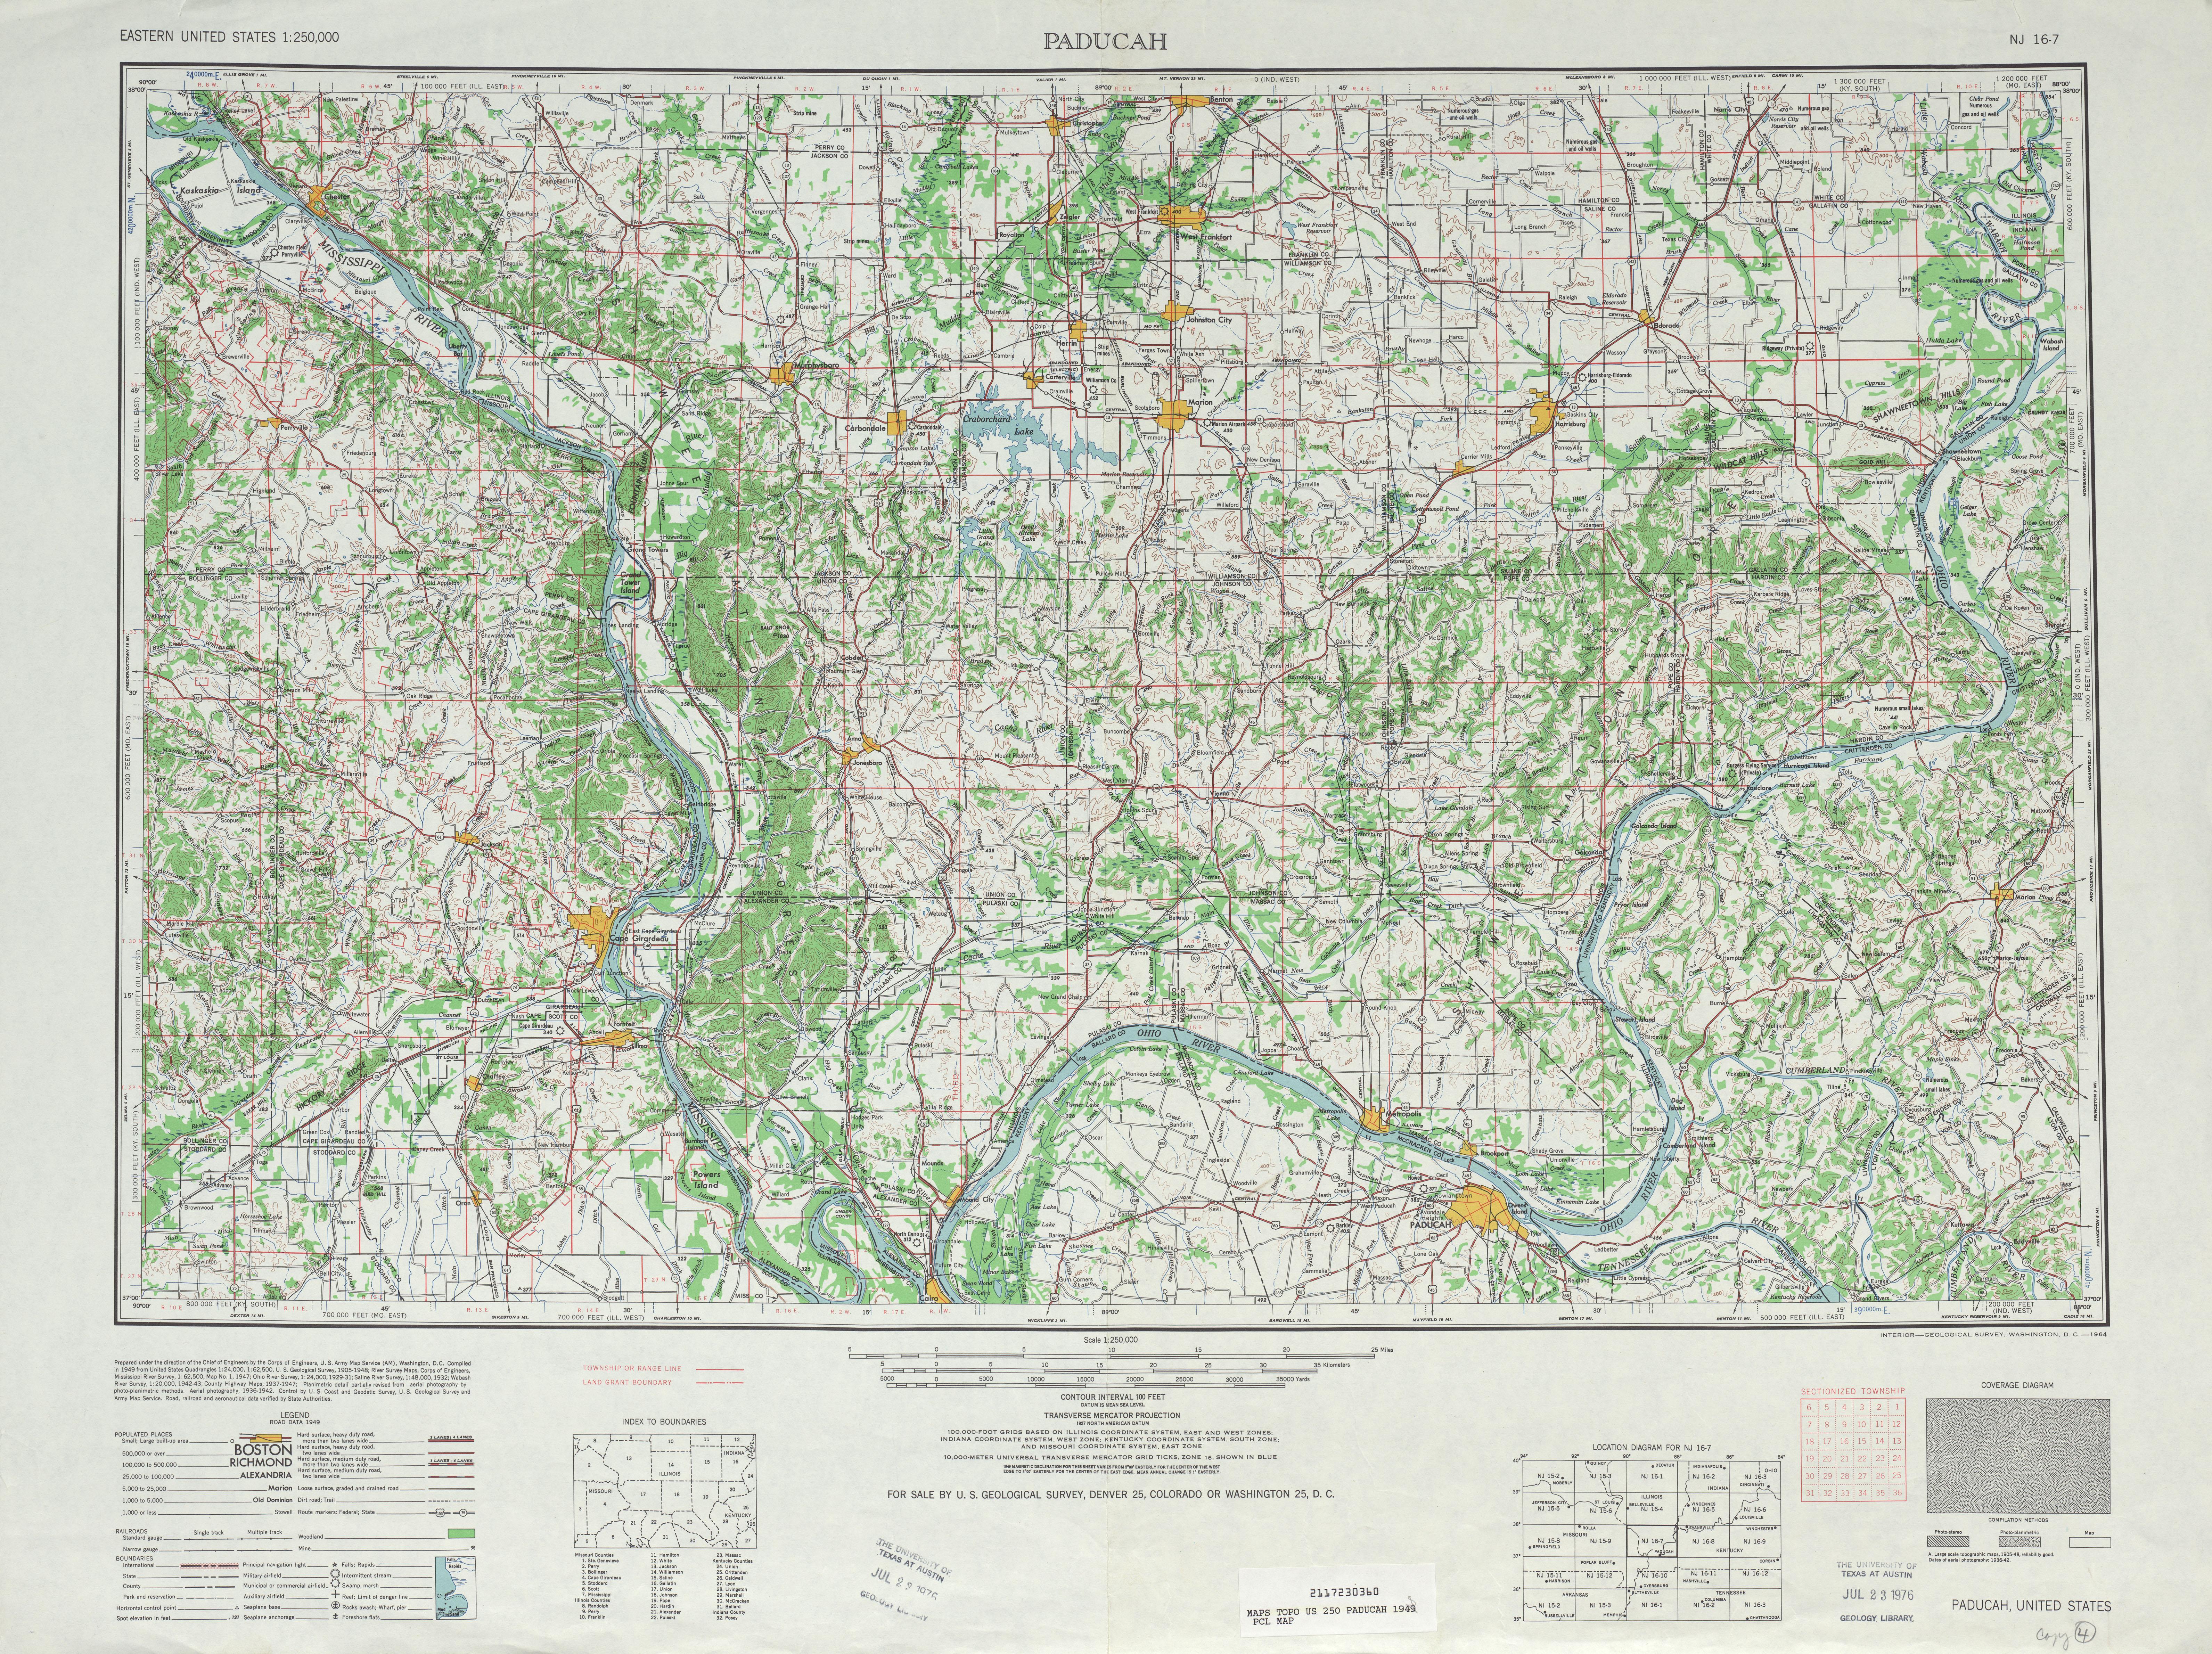 Hoja Paducah del Mapa Topográfico de los Estados Unidos 1948